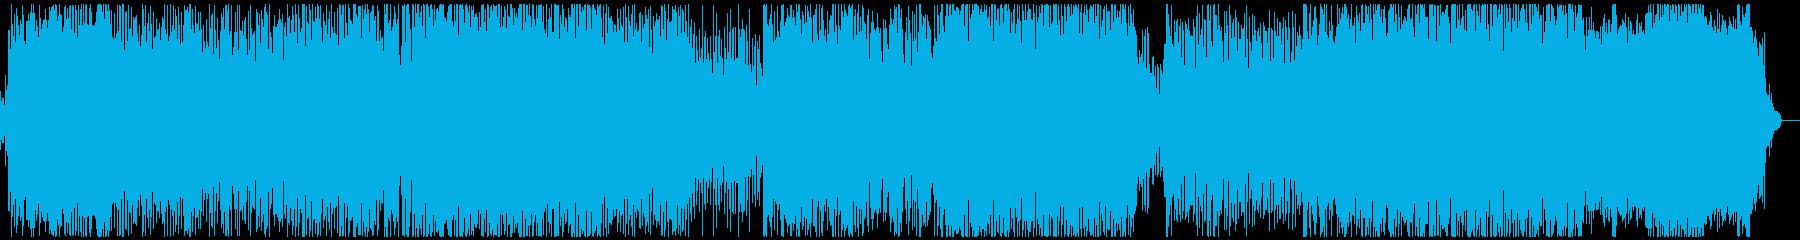 パワフルでハッピーなポップスの再生済みの波形